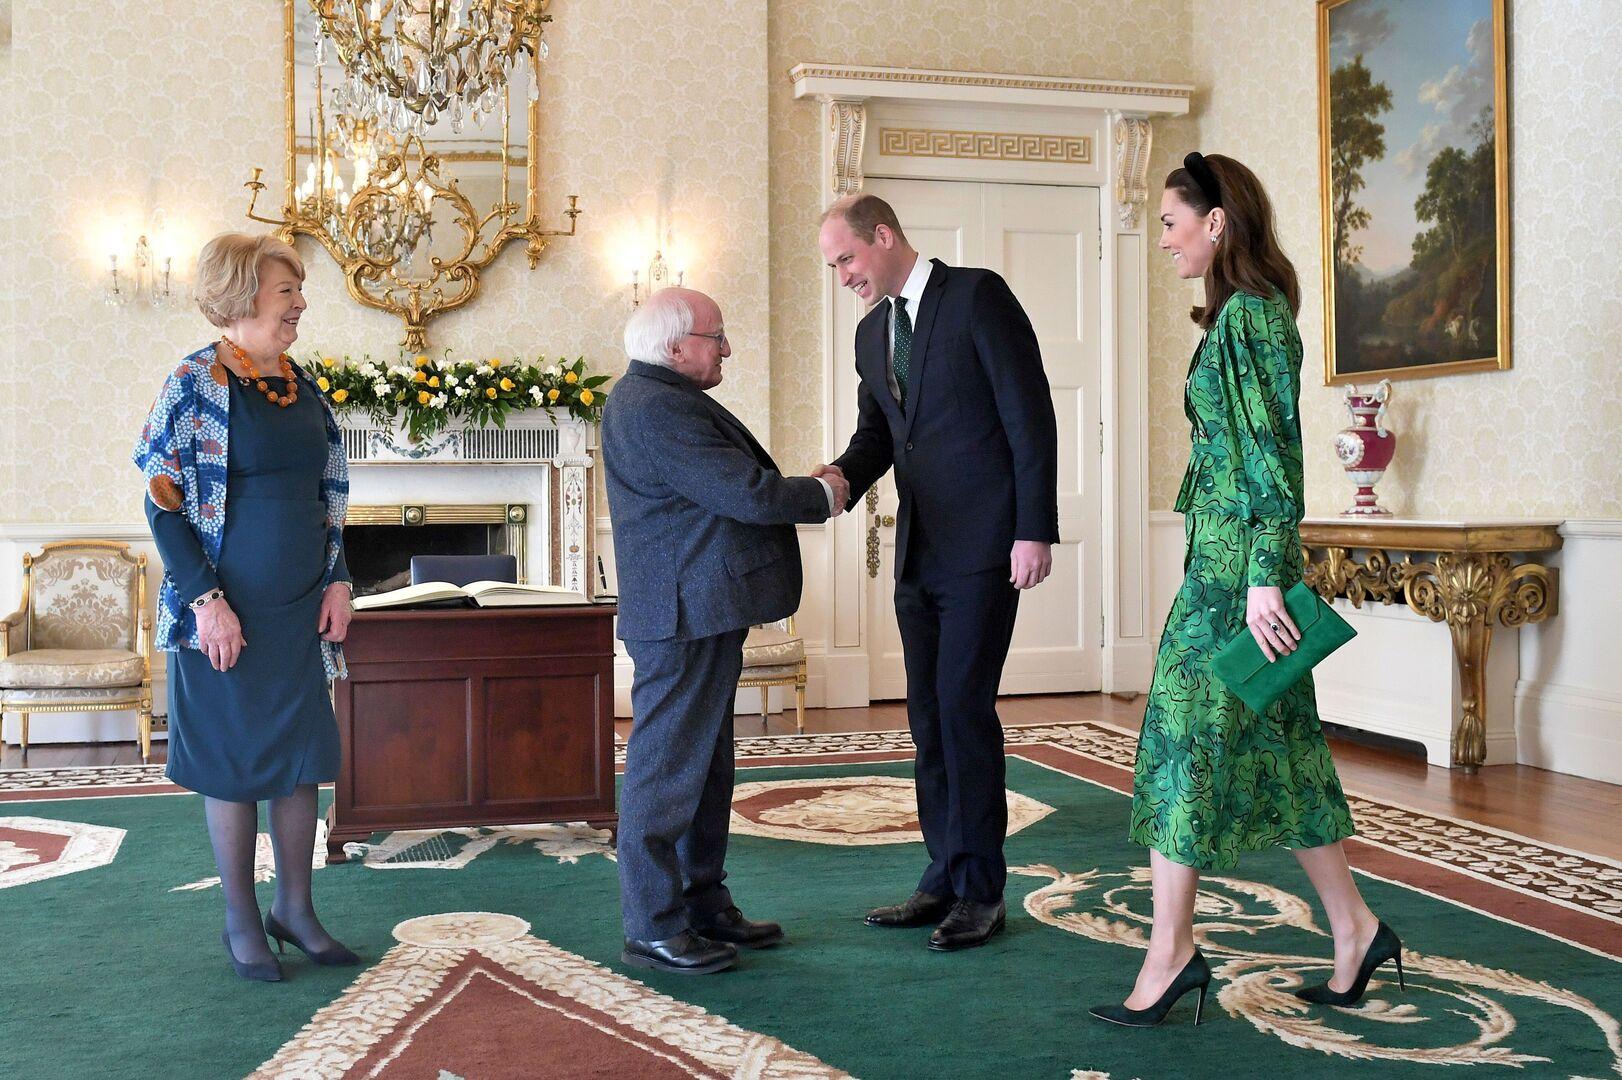 الرئيس الإيرلندي وزوجته يستقبلان الأمير ويليم وزوجته